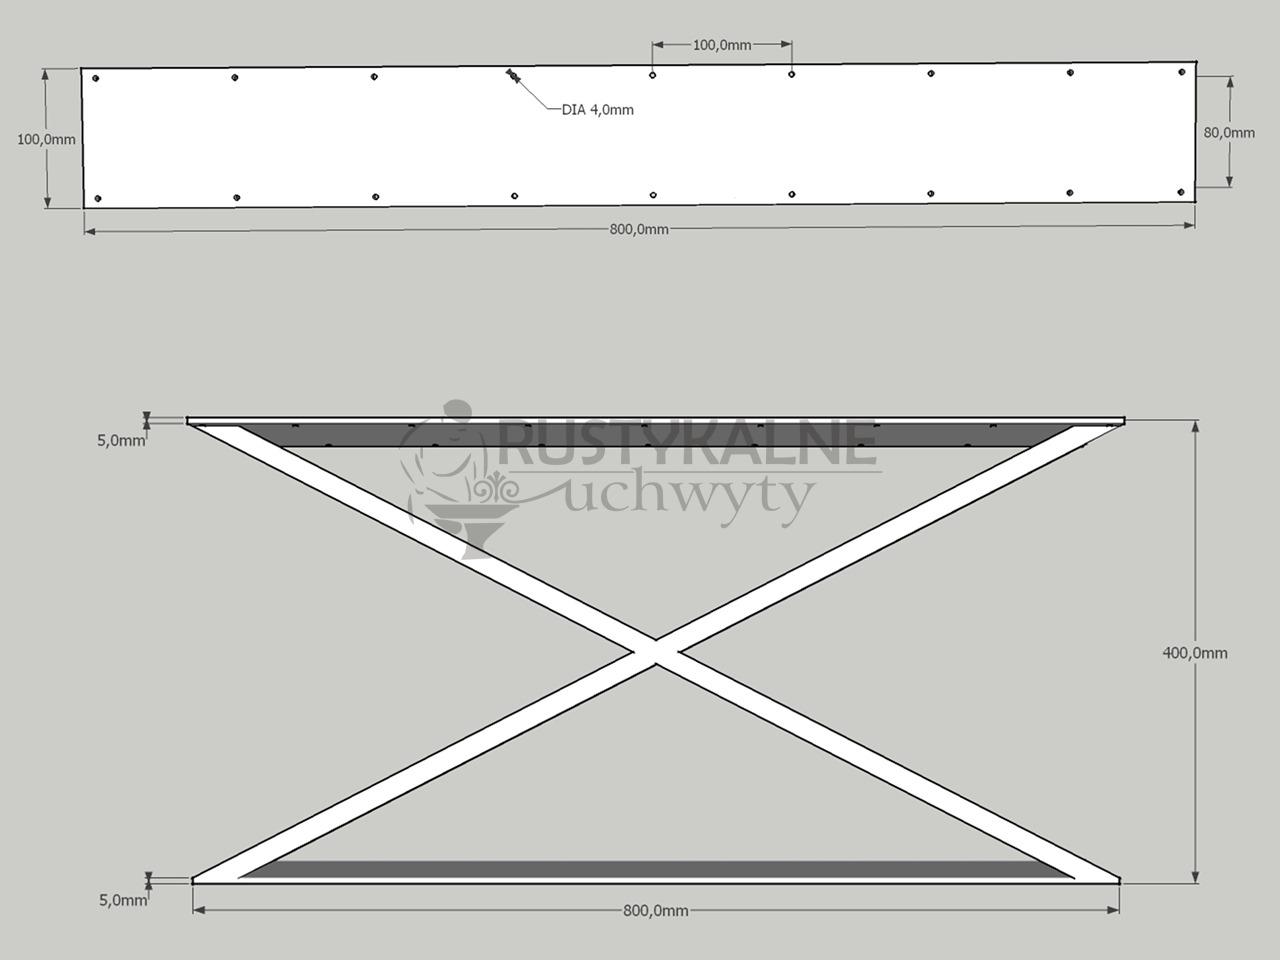 rysunek techniczny noga industrialna x